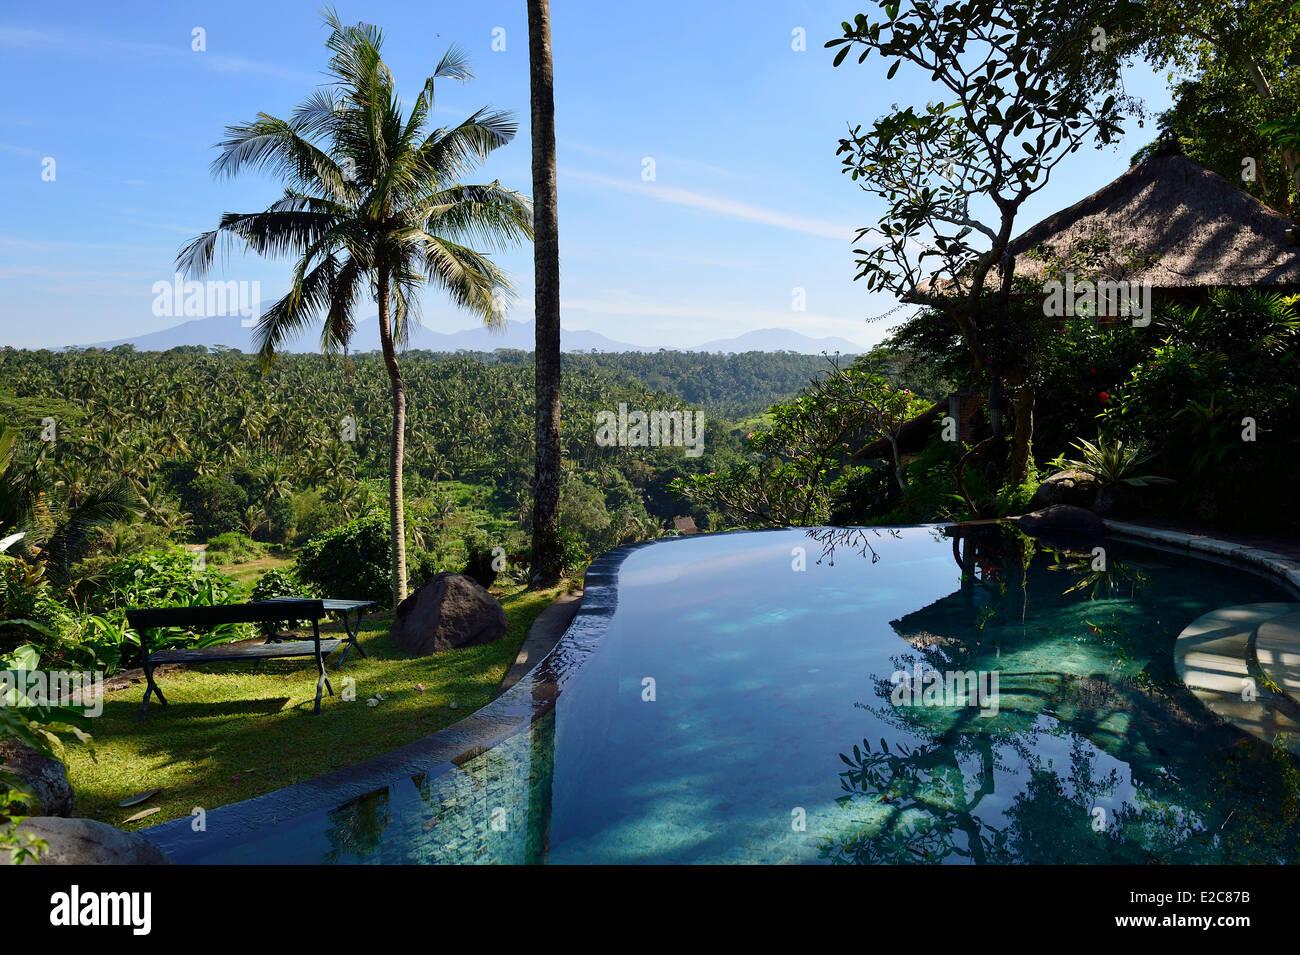 Indonesia bali ubud the luxury hotel taman bebek resort for Luxury resorts in bali indonesia